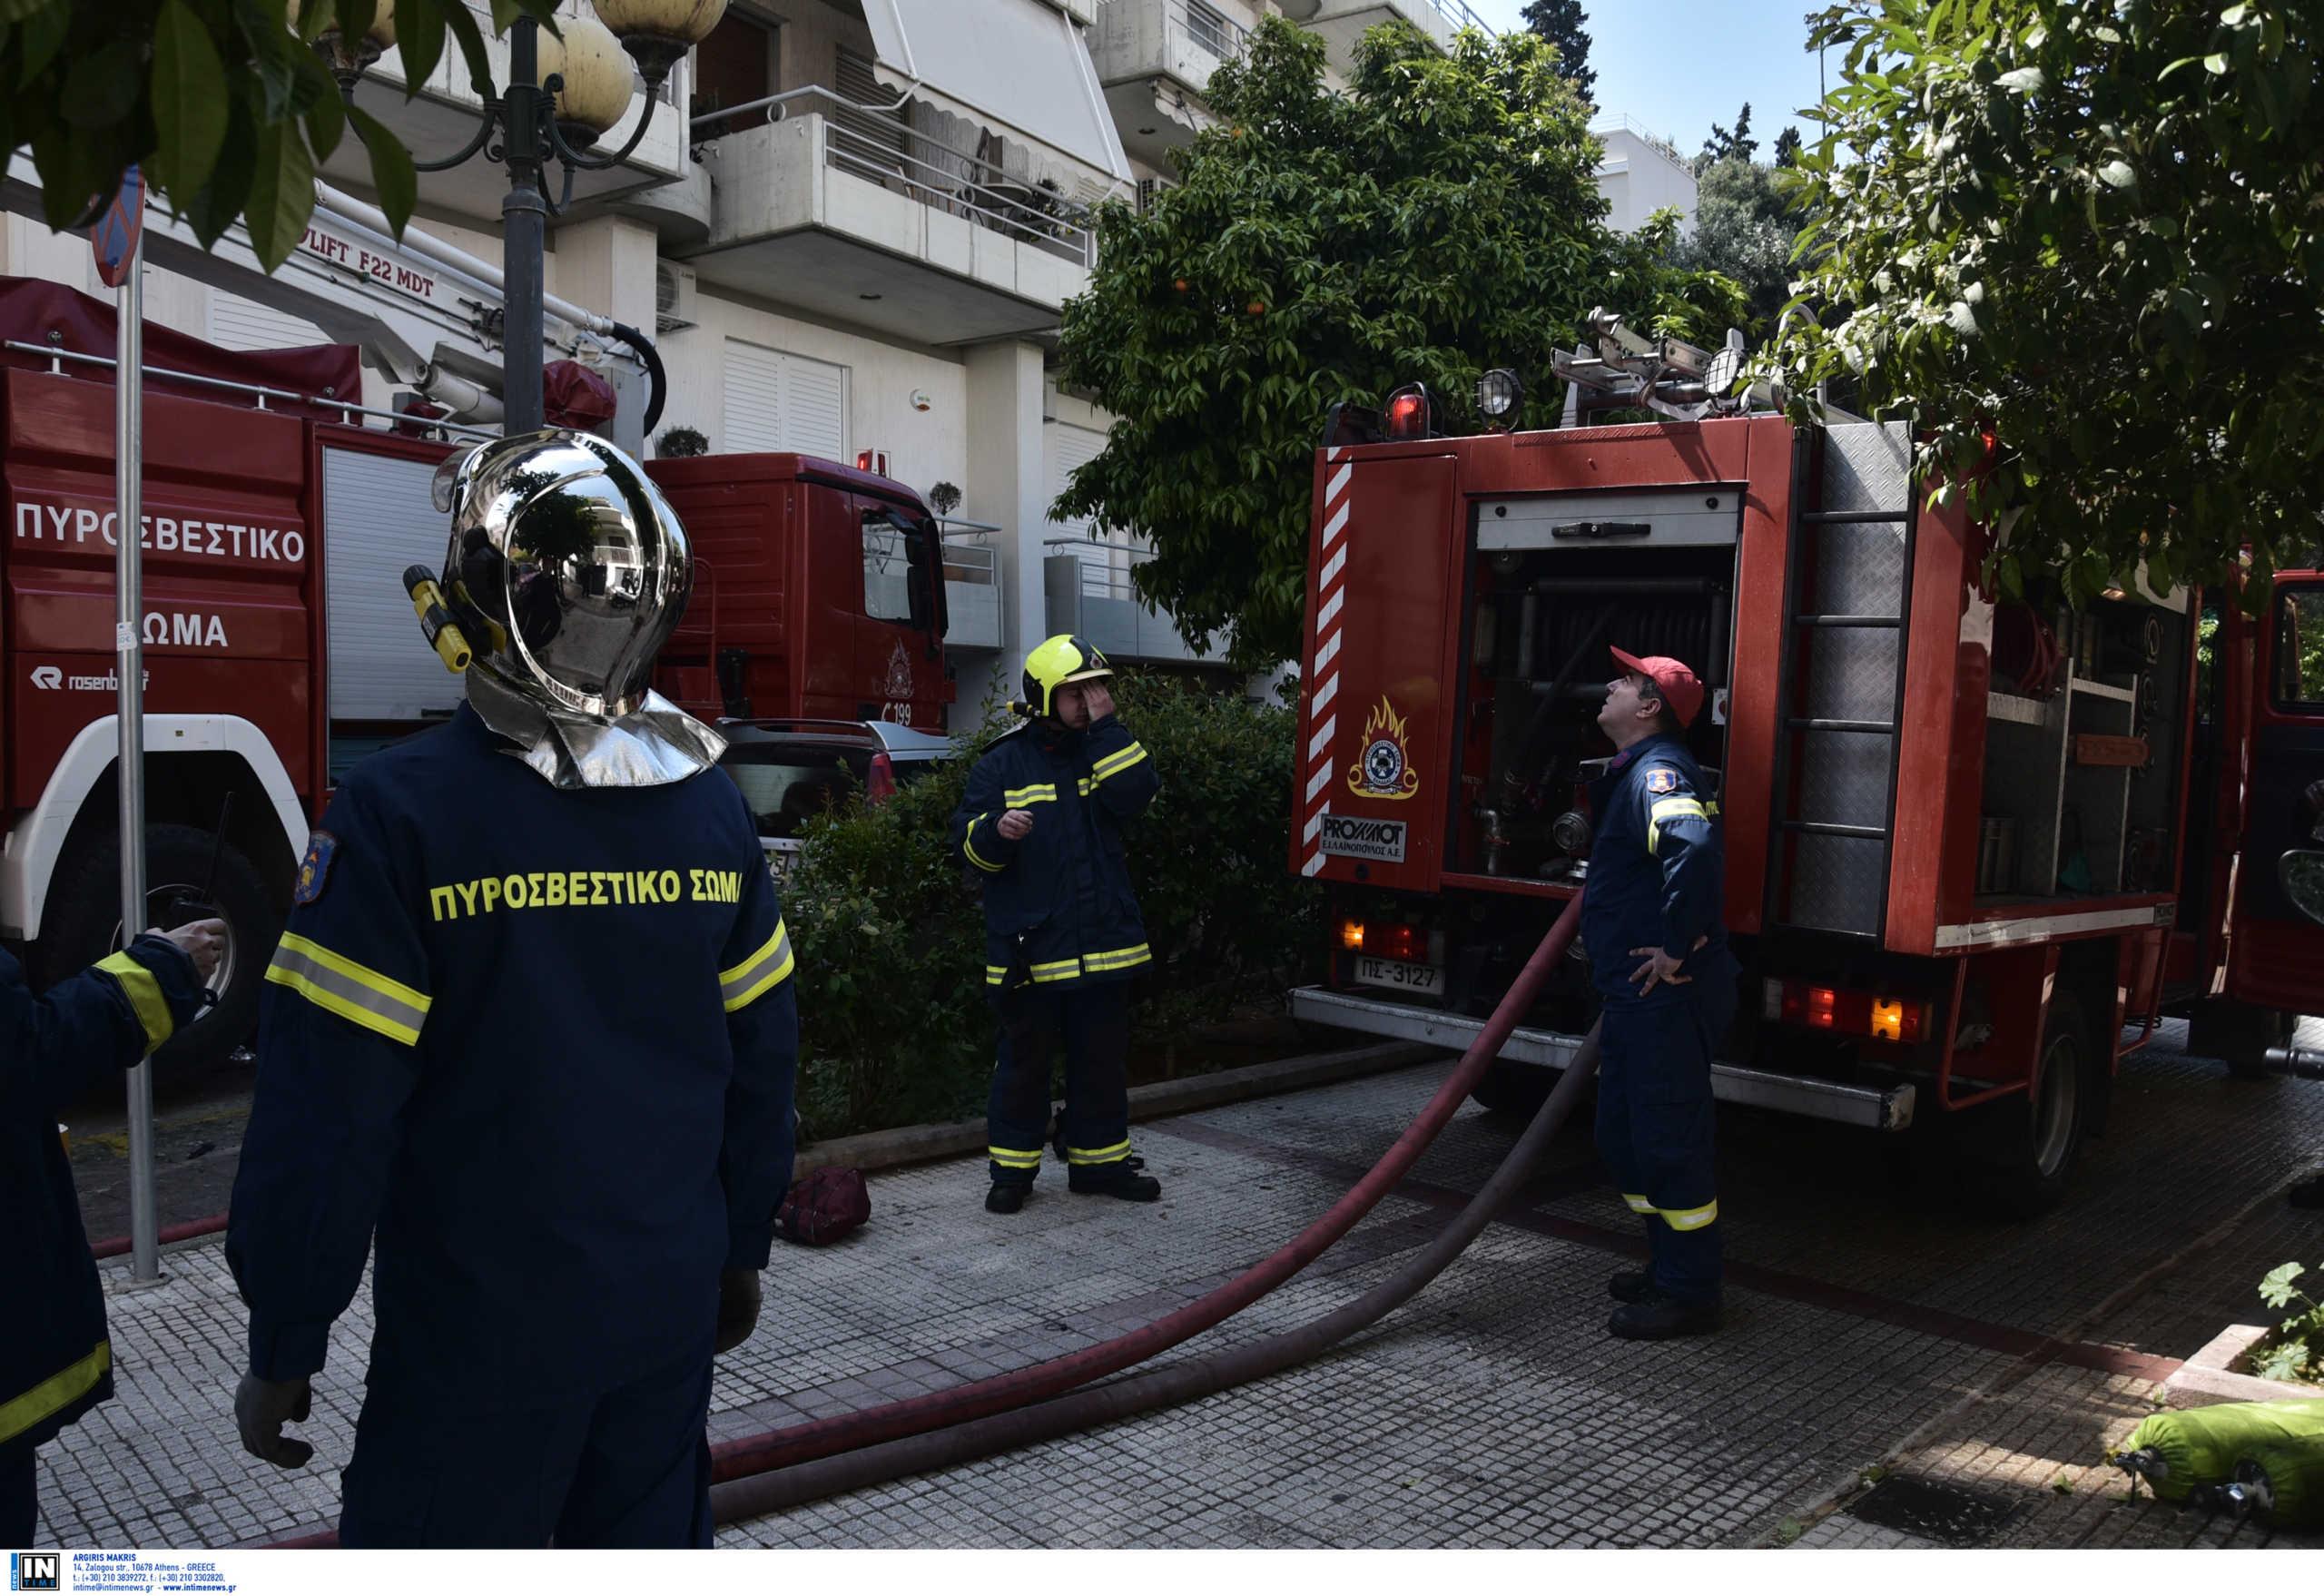 Μεγάλη φωτιά σε διαμέρισμα στο Γαλάτσι